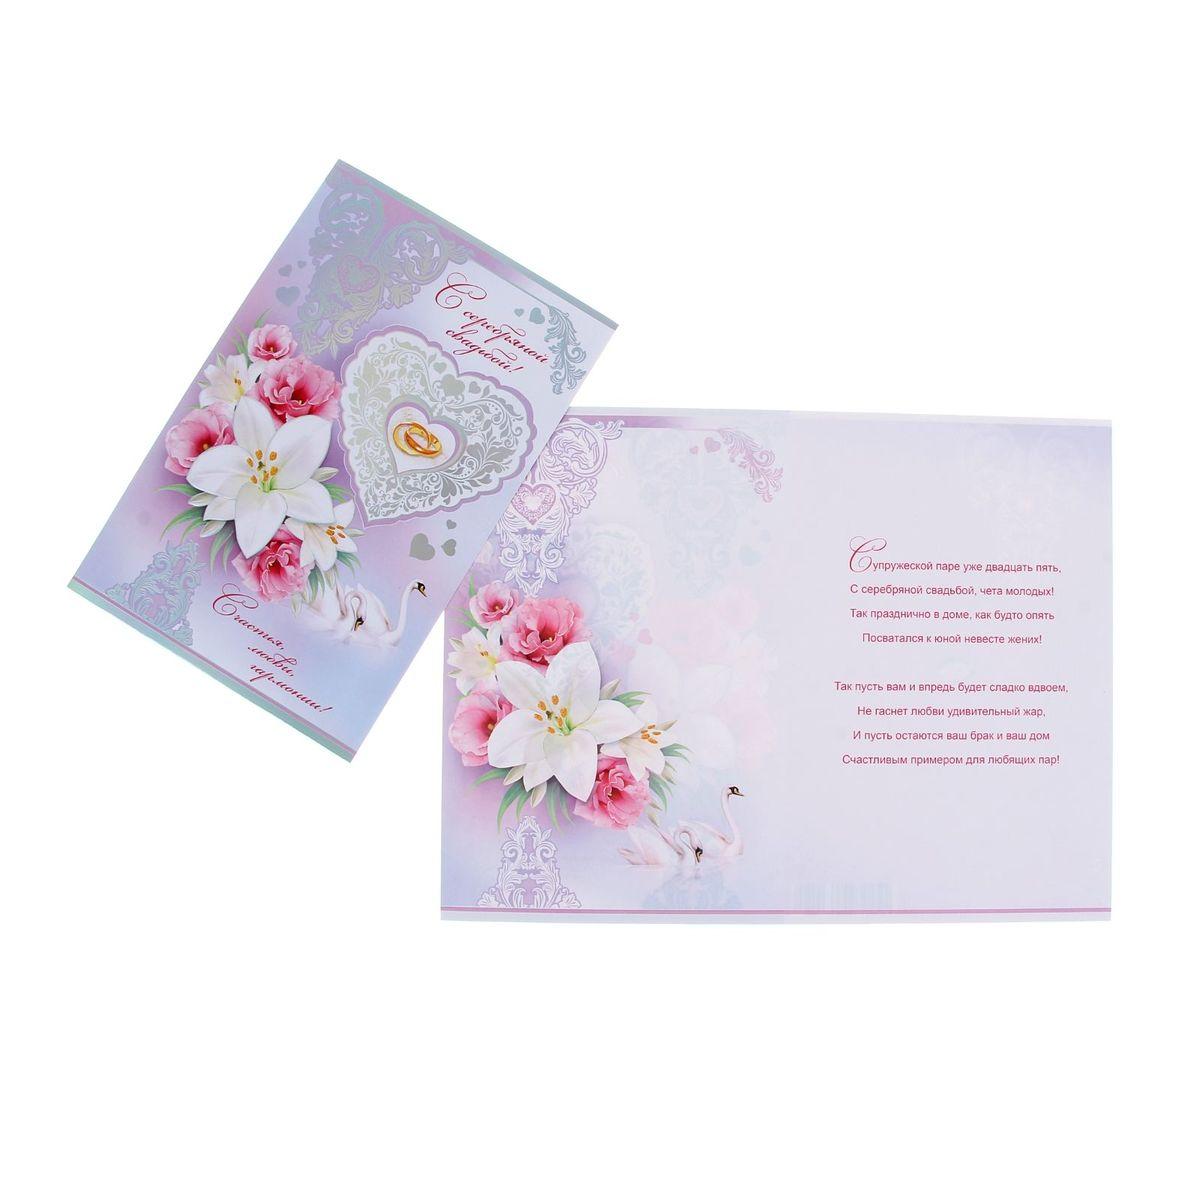 Открытка Мир открыток С серебряной свадьбой!1022245Если вы хотите порадовать себя или близких, создать праздничное настроение и с улыбкой провести памятный день, то вы, несомненно, сделали правильный выбор! Открытка Мир открыток С серебряной свадьбой!, выполненная из картона, отличается не только оригинальным дизайном, но и высоким качеством.Лицевая сторона изделия оформлена красивым изображением цветов, лебедей и колец, а также красивым узором. Внутри открытка содержит текст с поздравлением.Такая открытка непременно порадует получателя и станет отличным напоминанием о проведенном вместе времени.